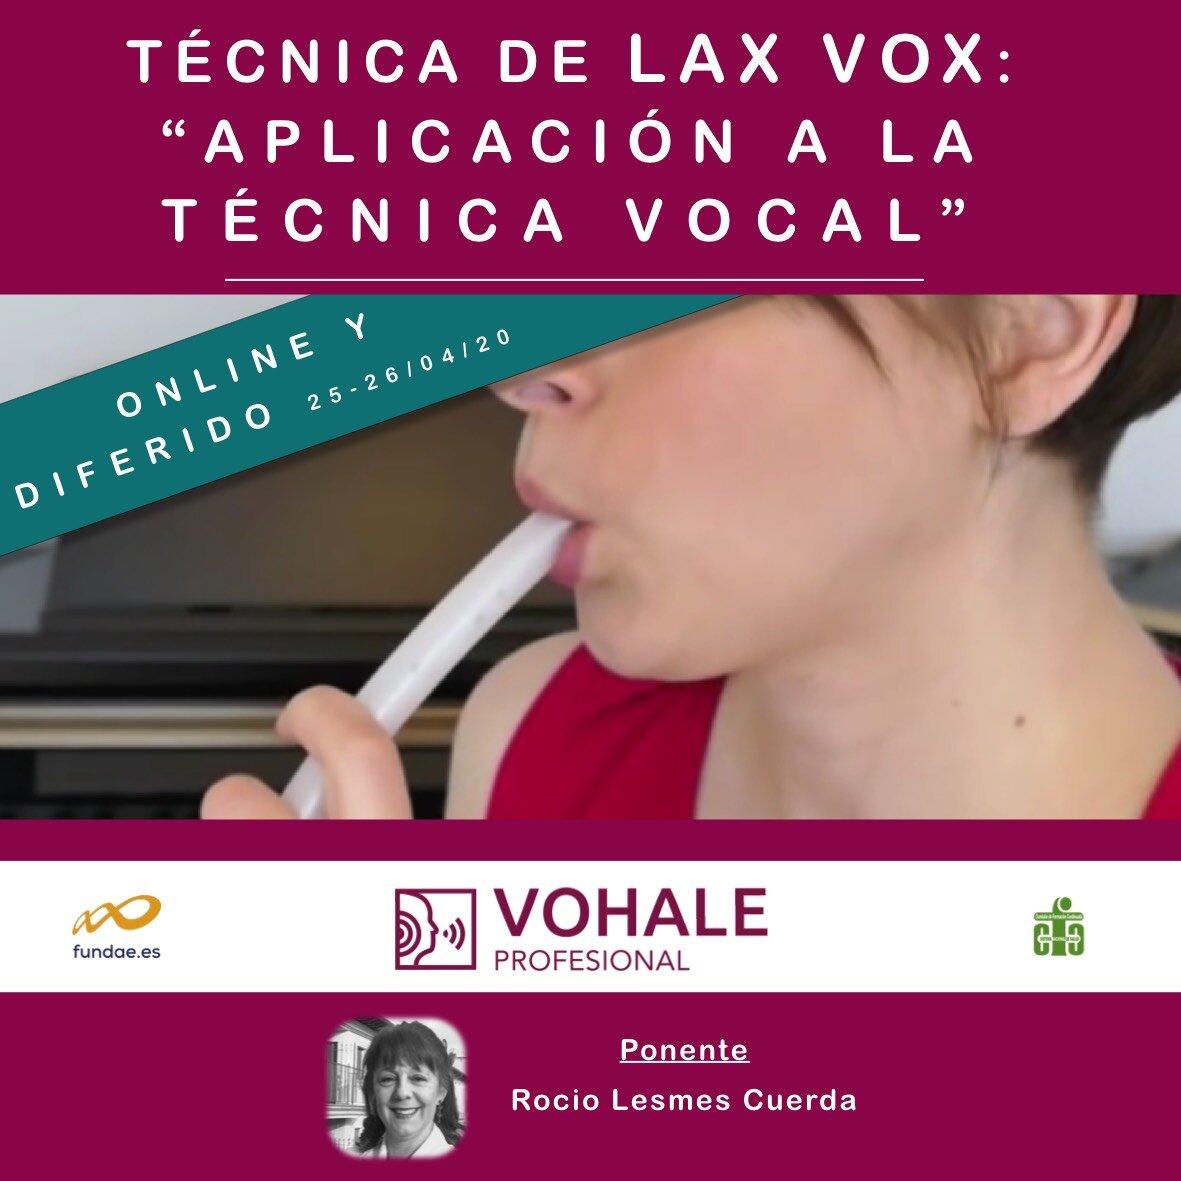 """TÉCNICA DE LAX VOX: """"APLICACIÓN A LA TÉCNICA VOCAL"""""""